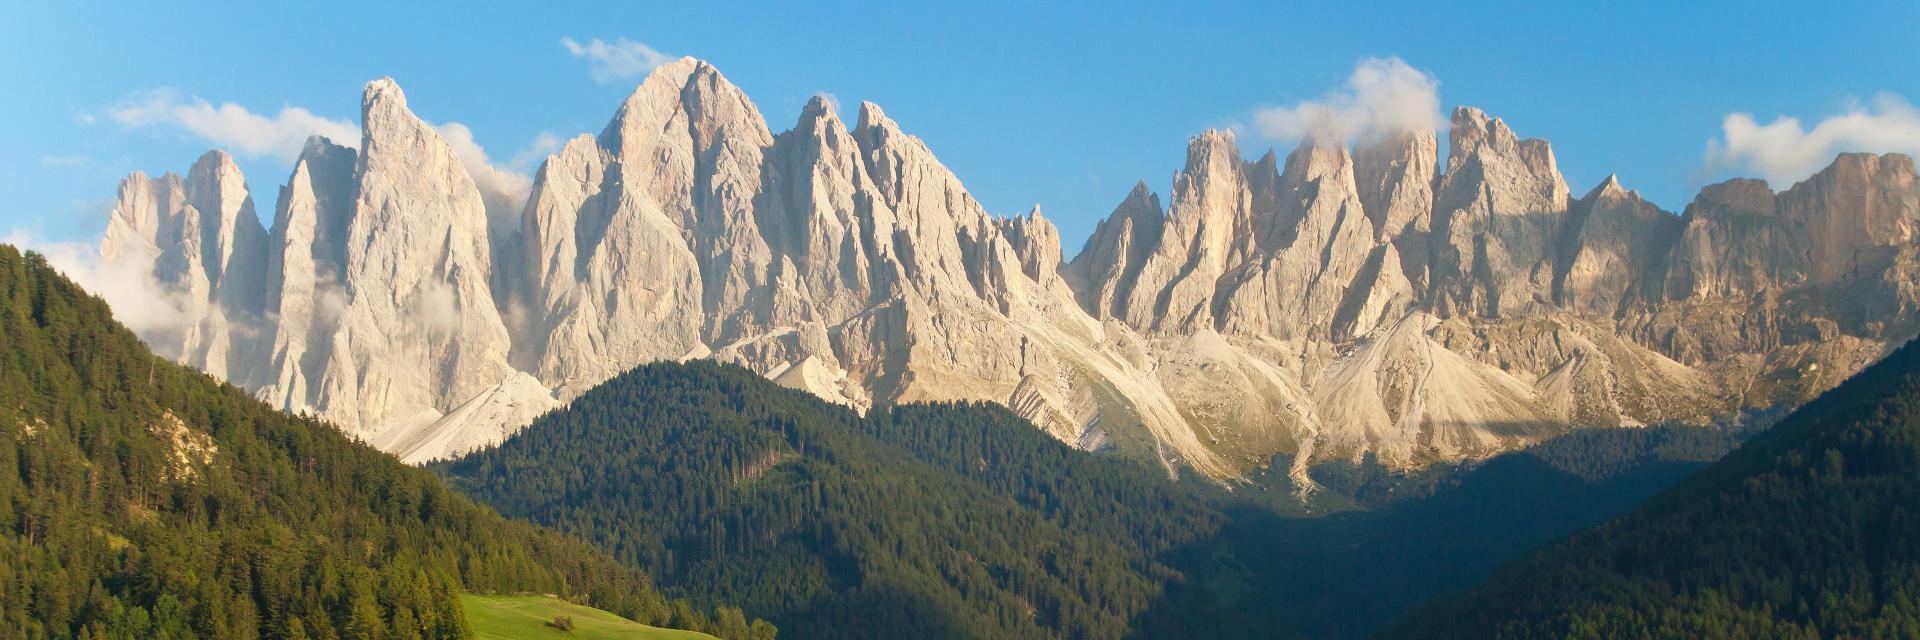 الجبال والطبيعة